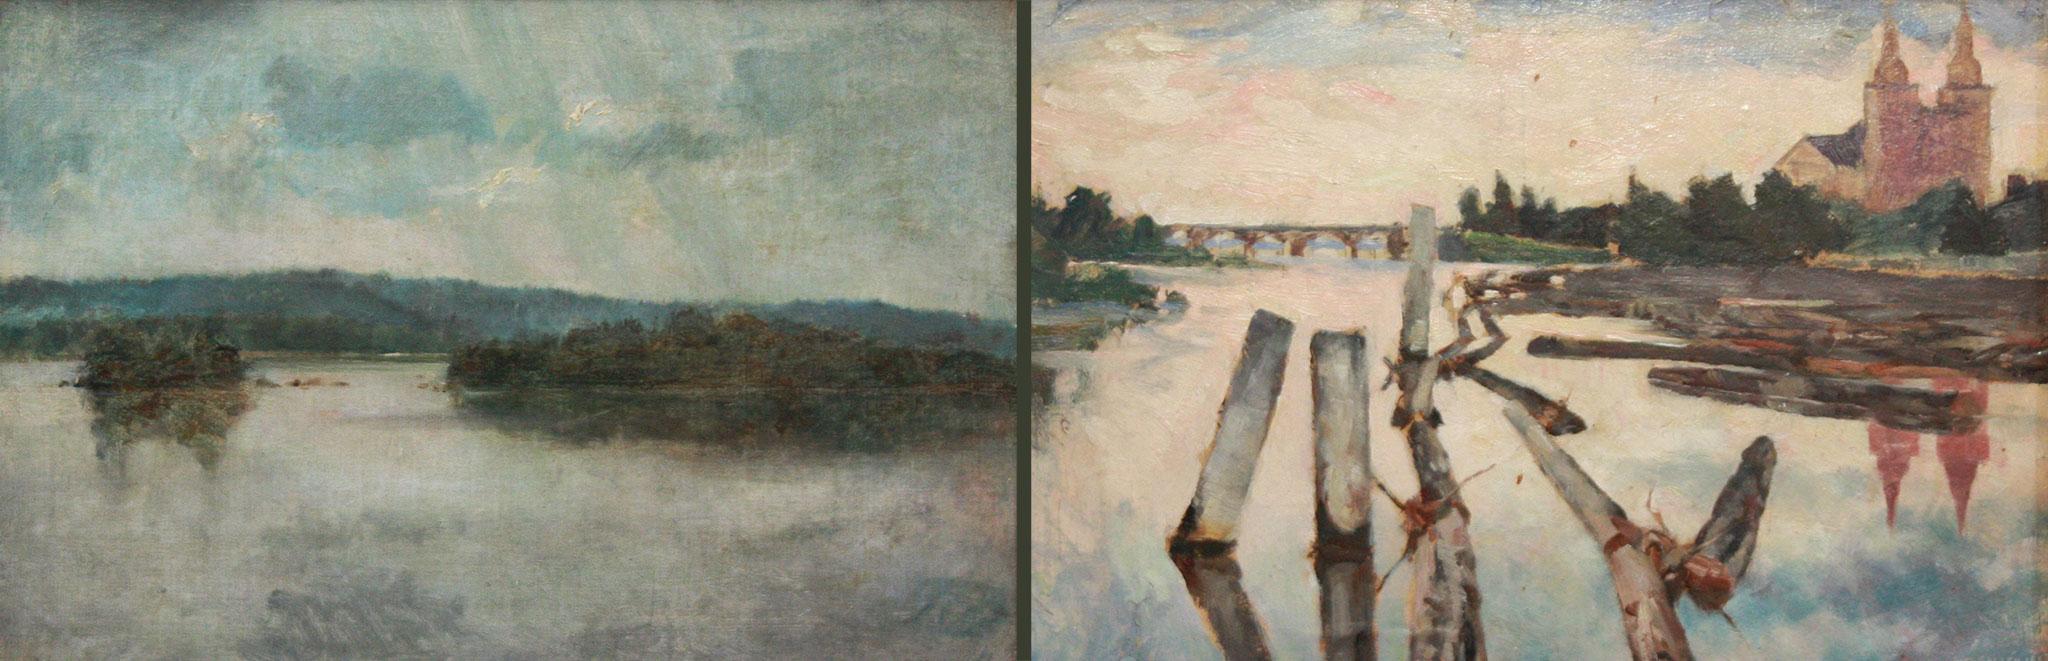 galleria-akseli-sastamala-pirkanmaa-1